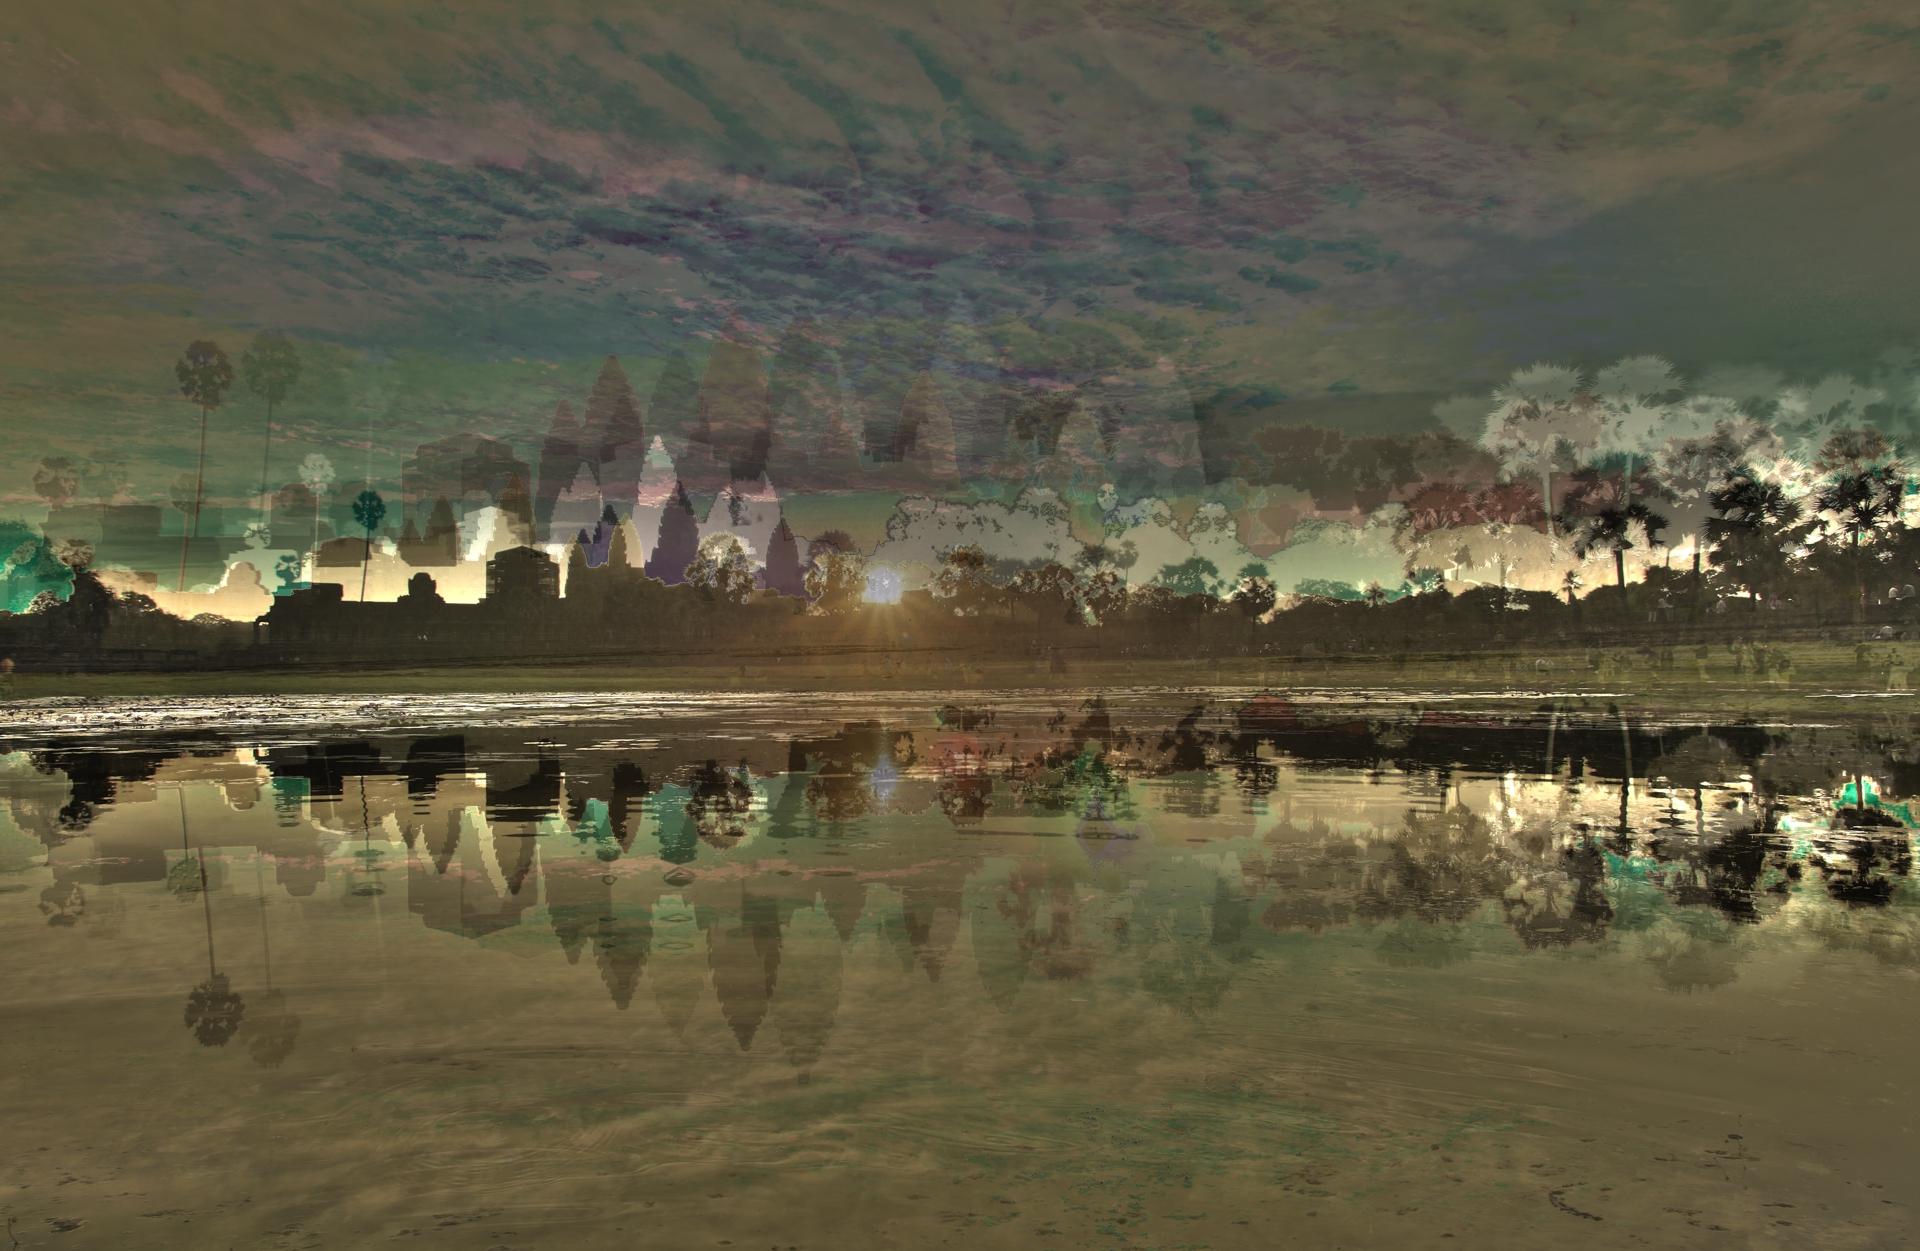 angkor wat 1 by - photo #1